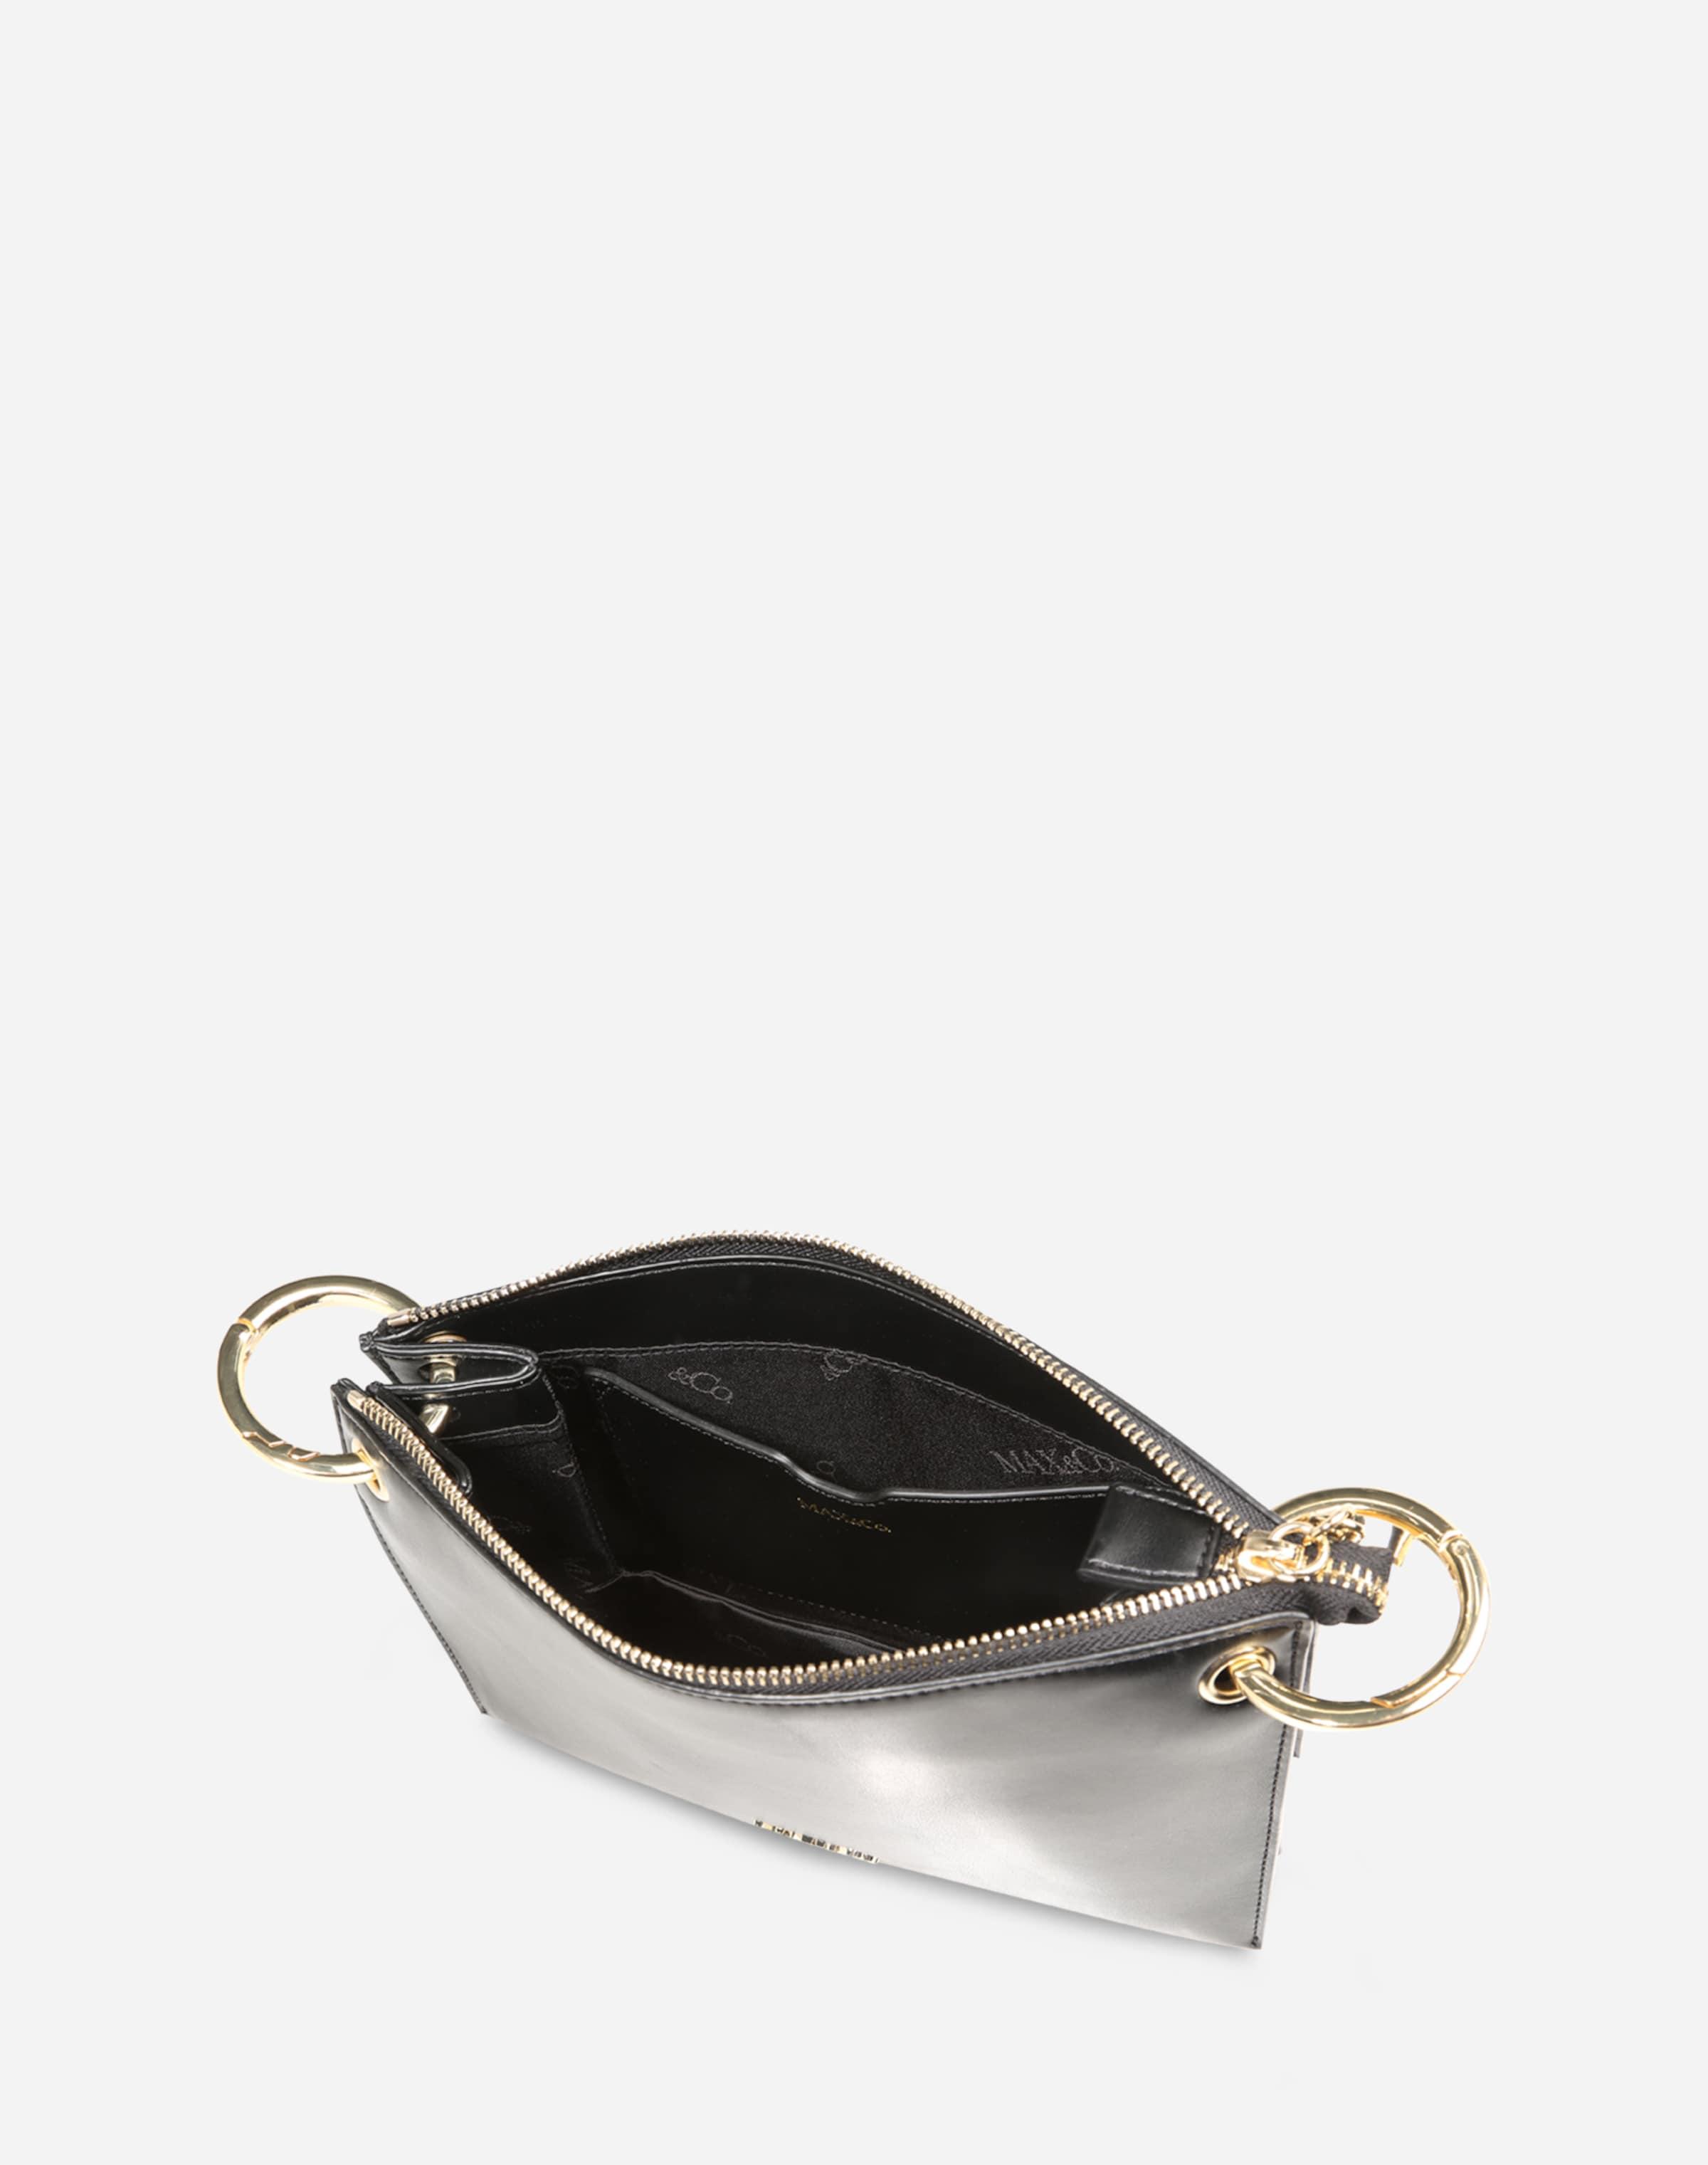 Billig Verkauf 2018 Billig Verkauf Zum Verkauf MAX&Co. Umhängetasche 'Abbracci' Billig Verkauf Schnelle Lieferung Verkauf 2018 Neue Wo Billige Echte Kaufen A0ip6ss